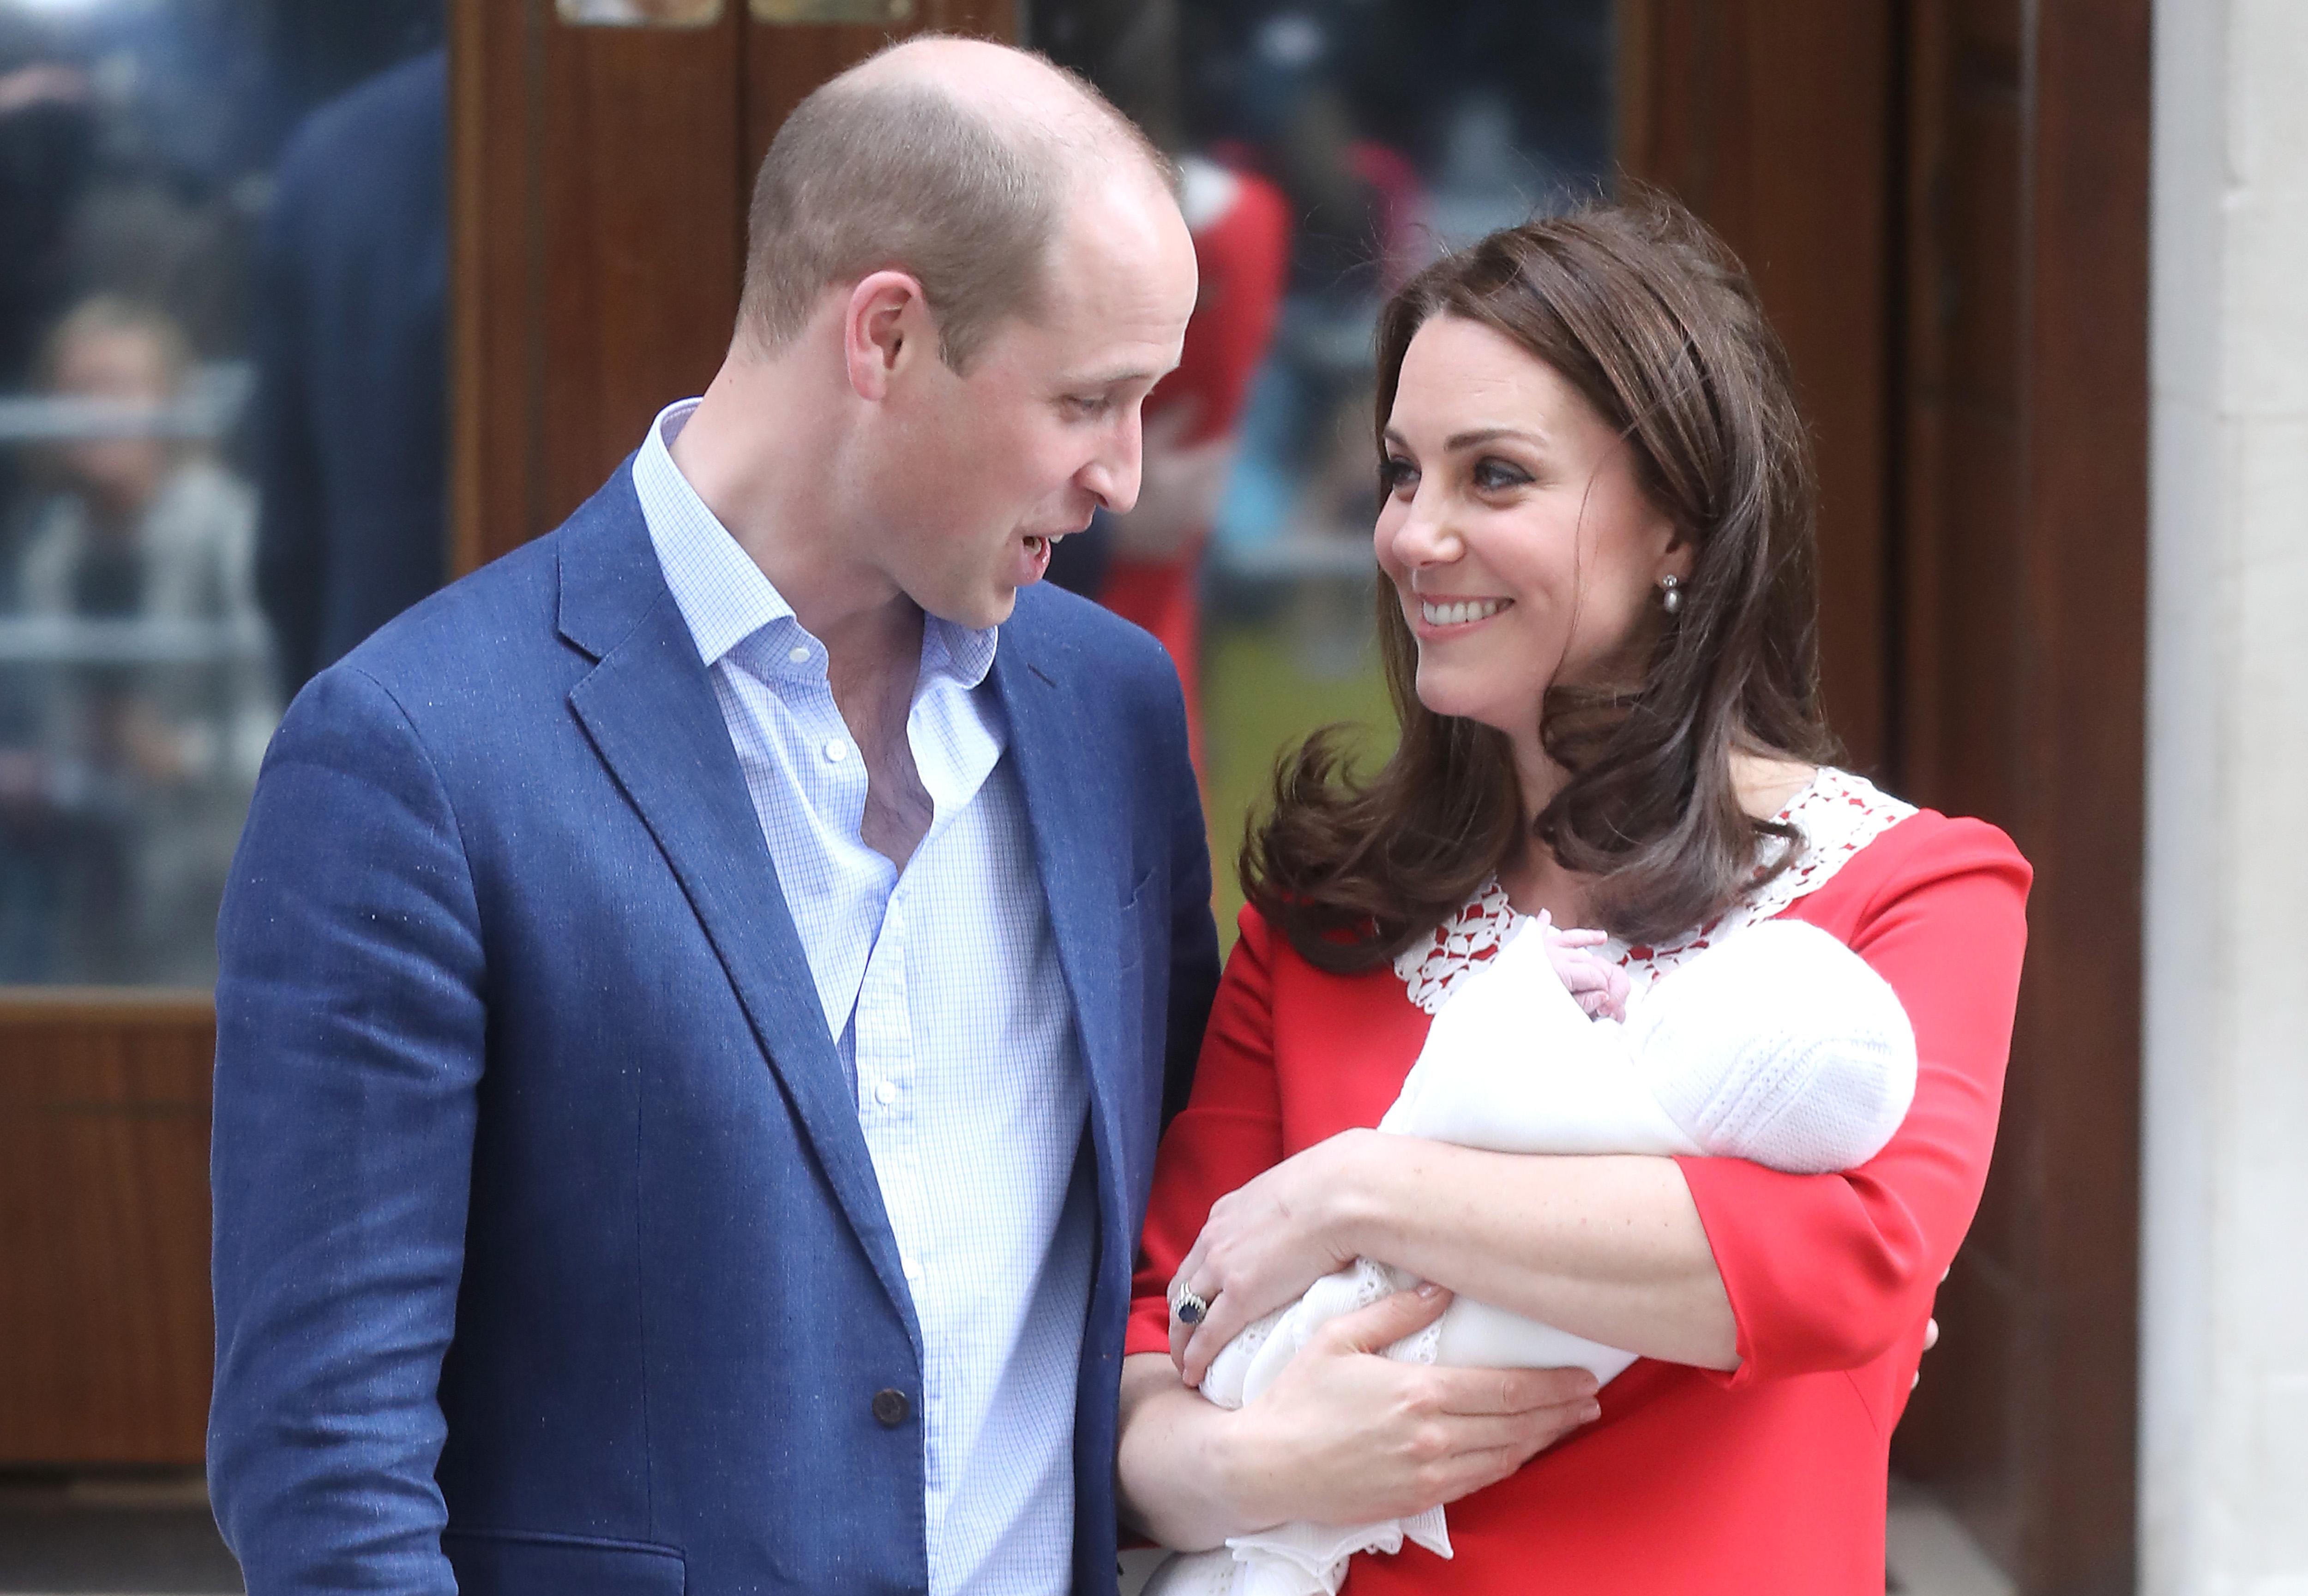 revistas publicam que principe william teria traido kate middleton e advogados dele devem responder com processo hugo gloss 2